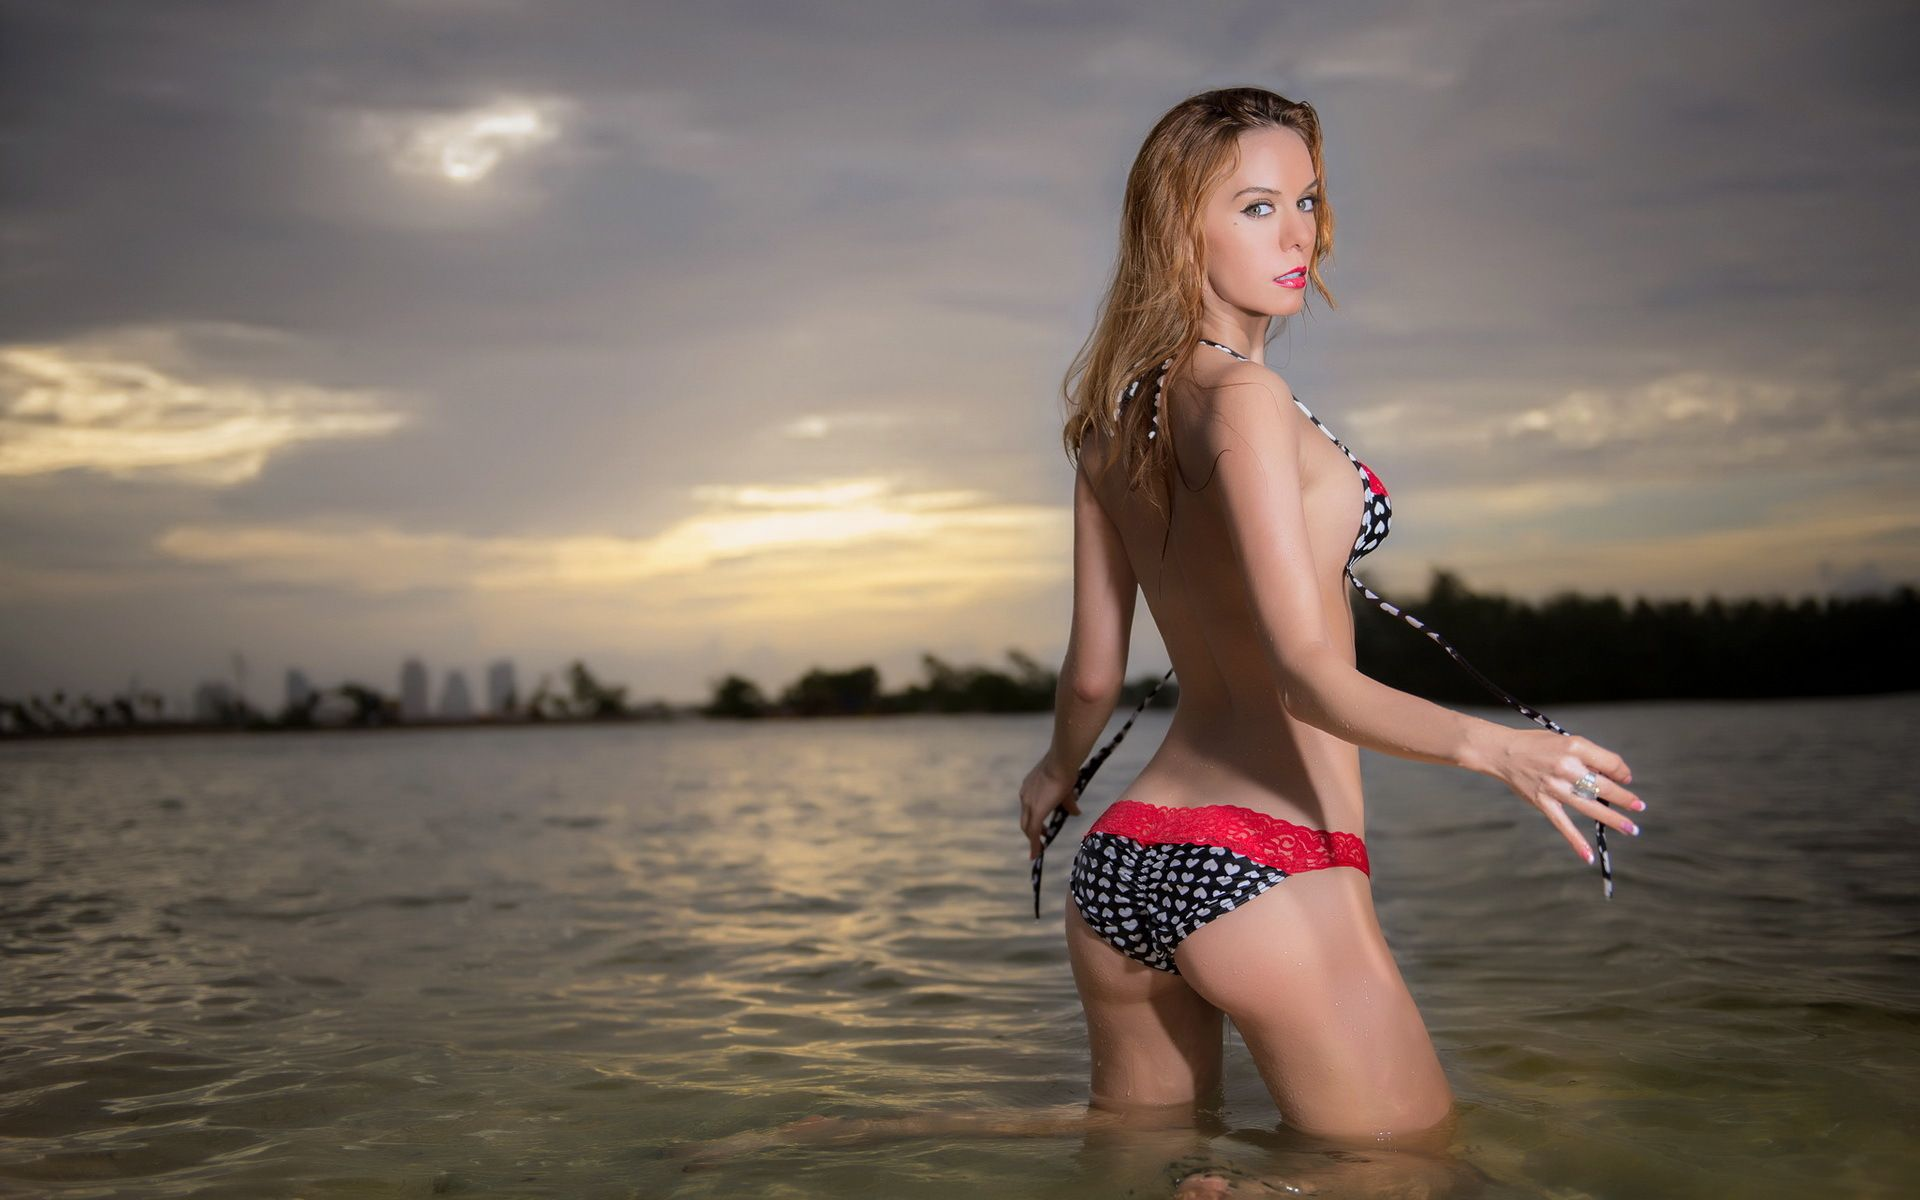 Mädchen strand nackt